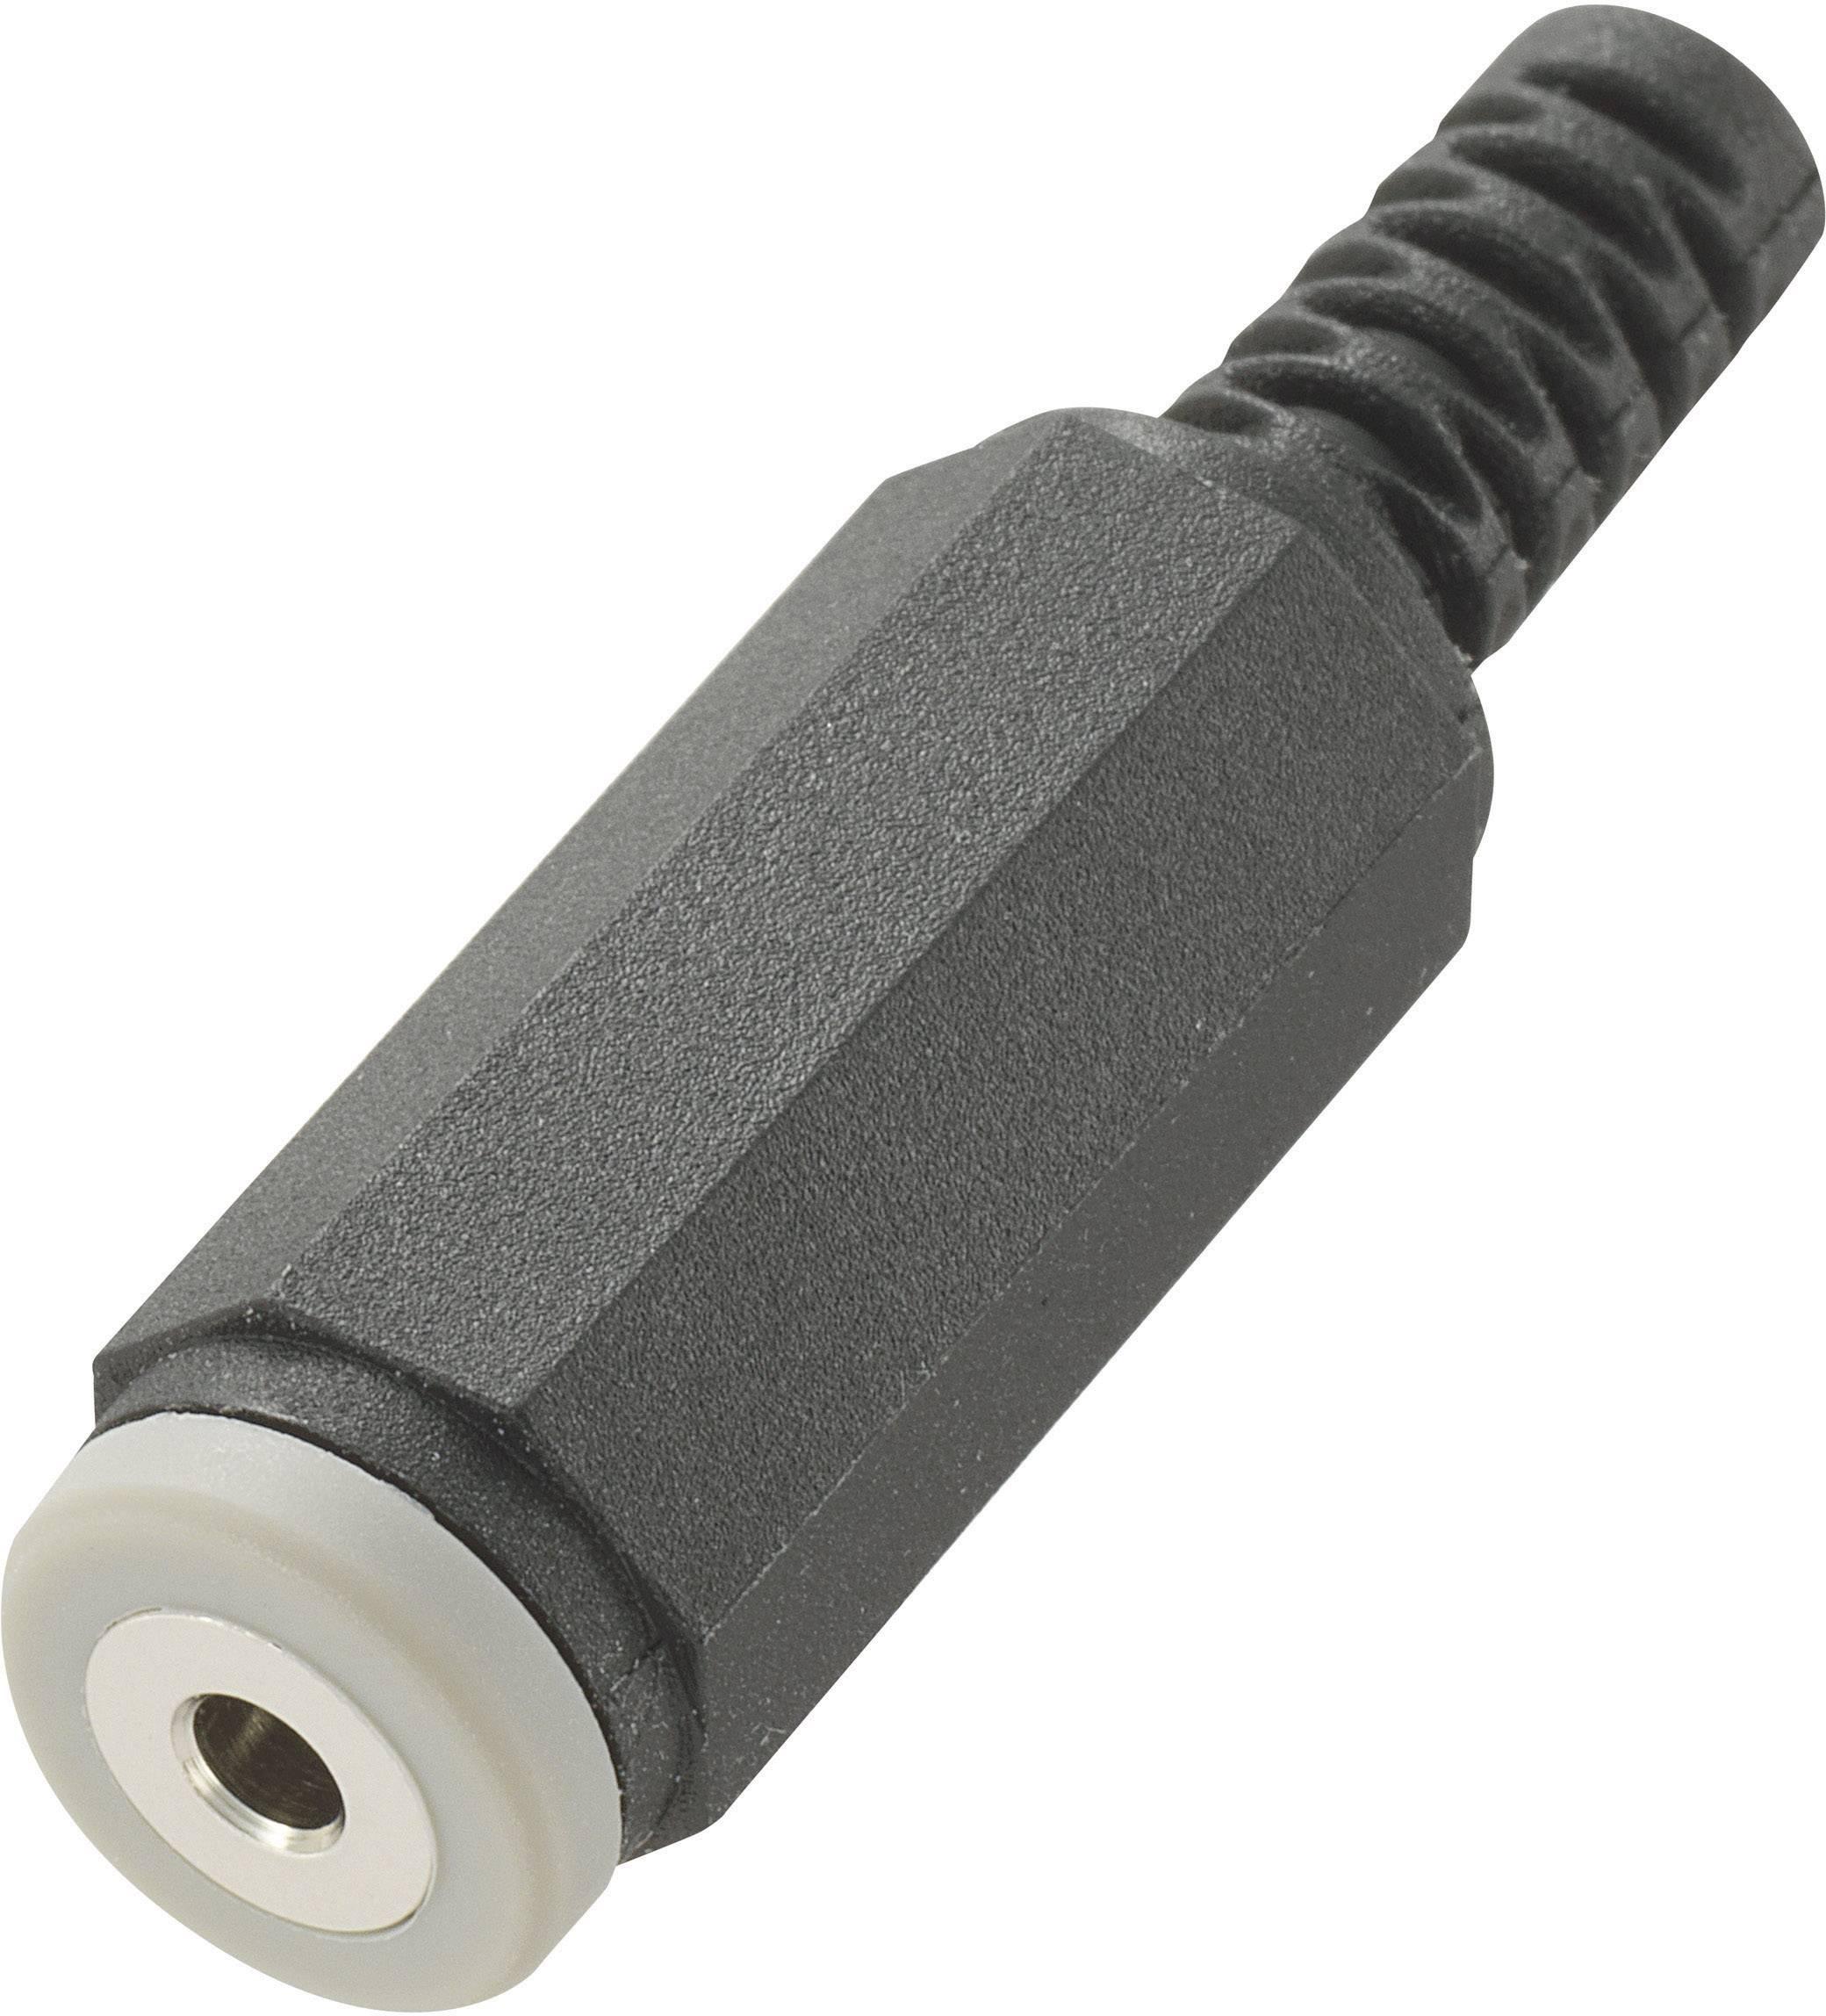 Jack konektor 2,5 mm stereo, zásuvka rovná, 4pól., černá